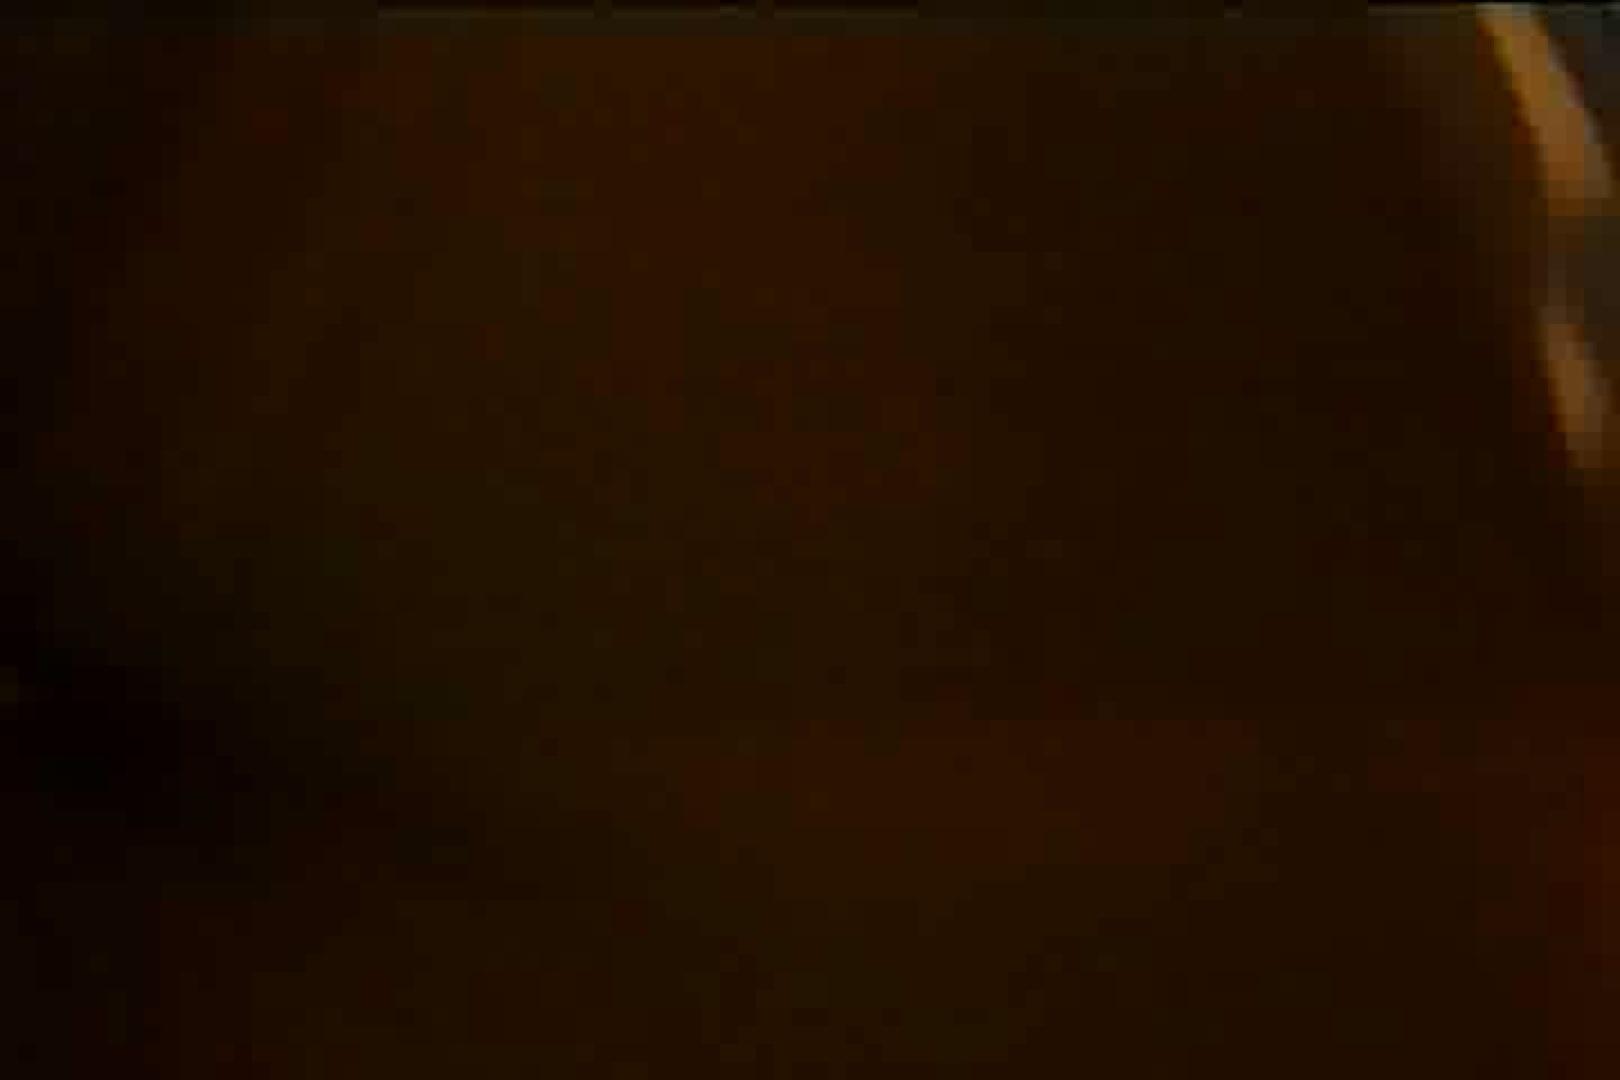 コスプレ会場潜入撮Vol.6 エロティックなOL | コスチューム  92画像 76